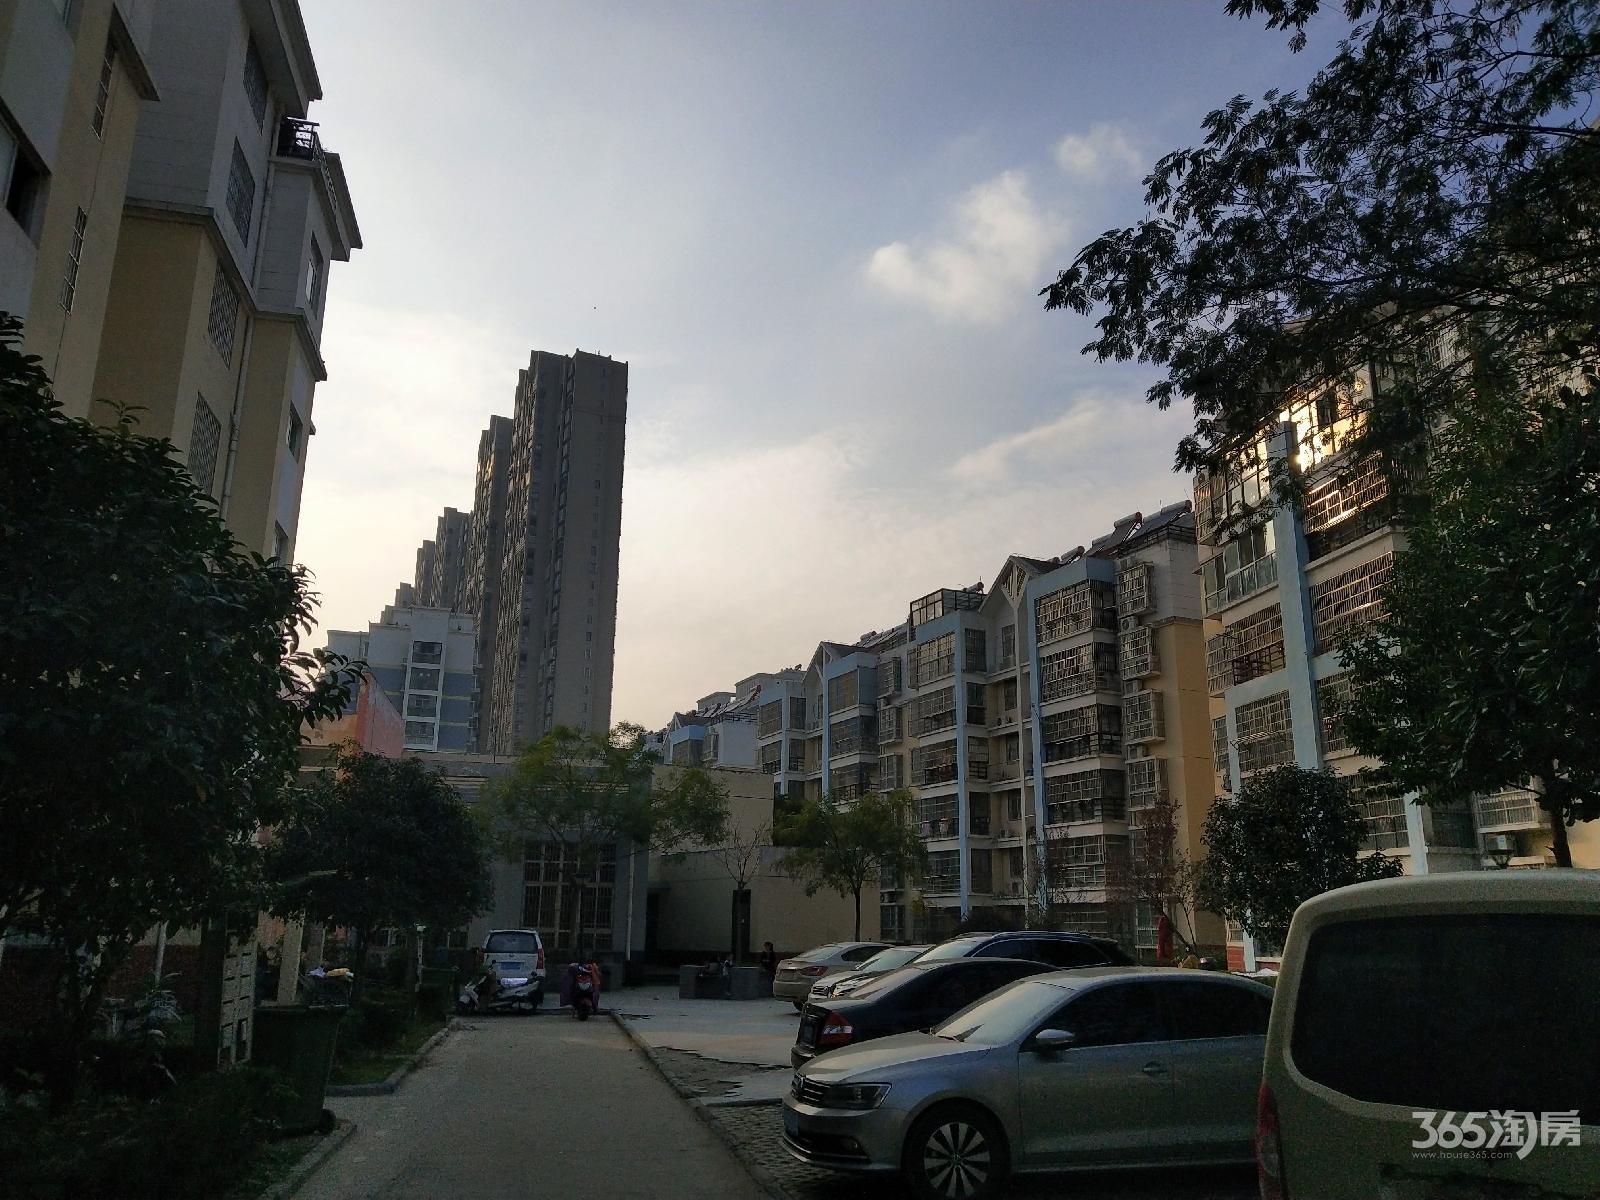 龙腾家园2室2厅1卫78.74平米2012年产权房精装